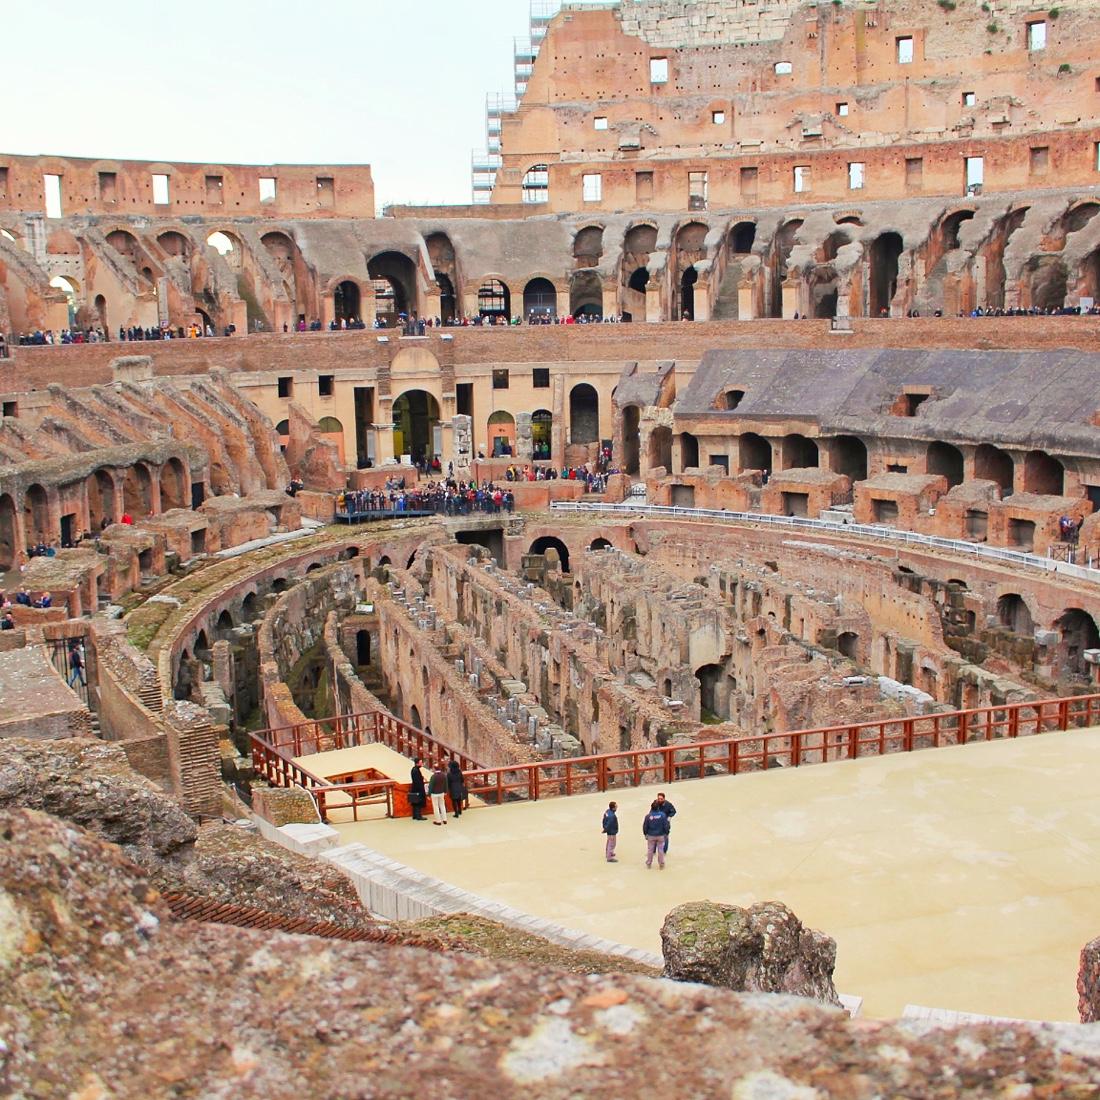 ローマの観光地コロッセオの内部